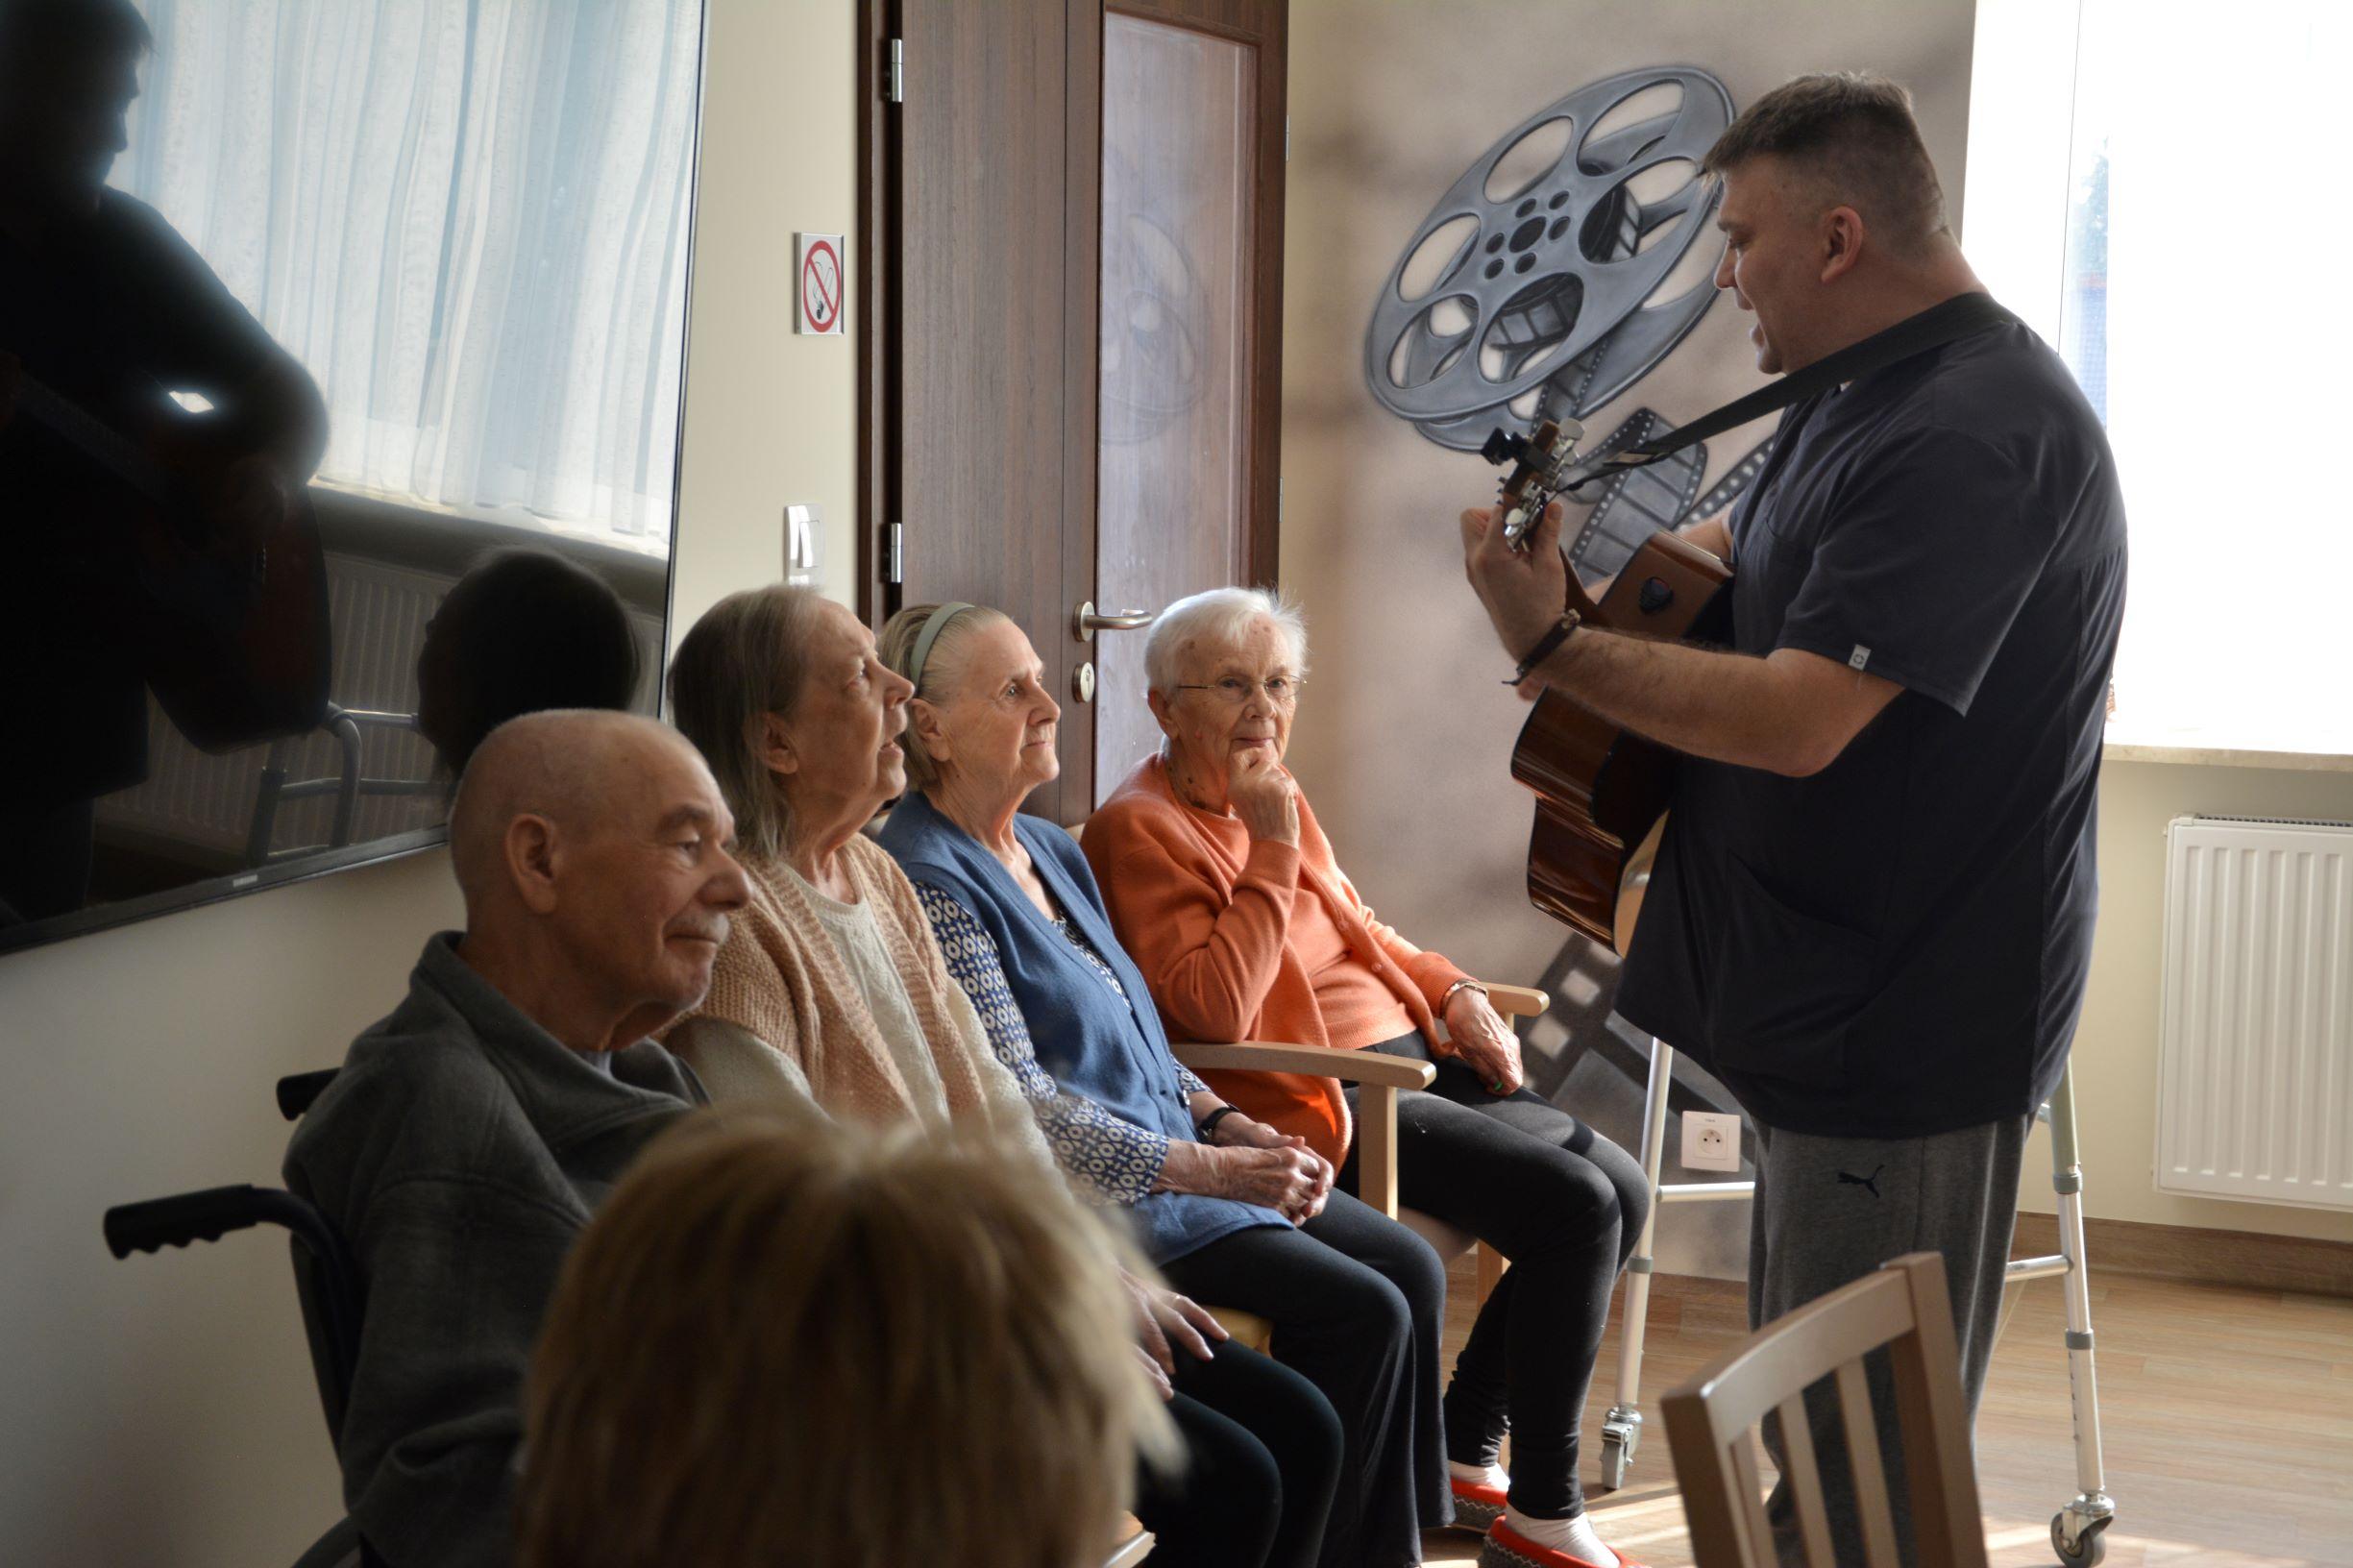 Muzyka w Domu Rezon.